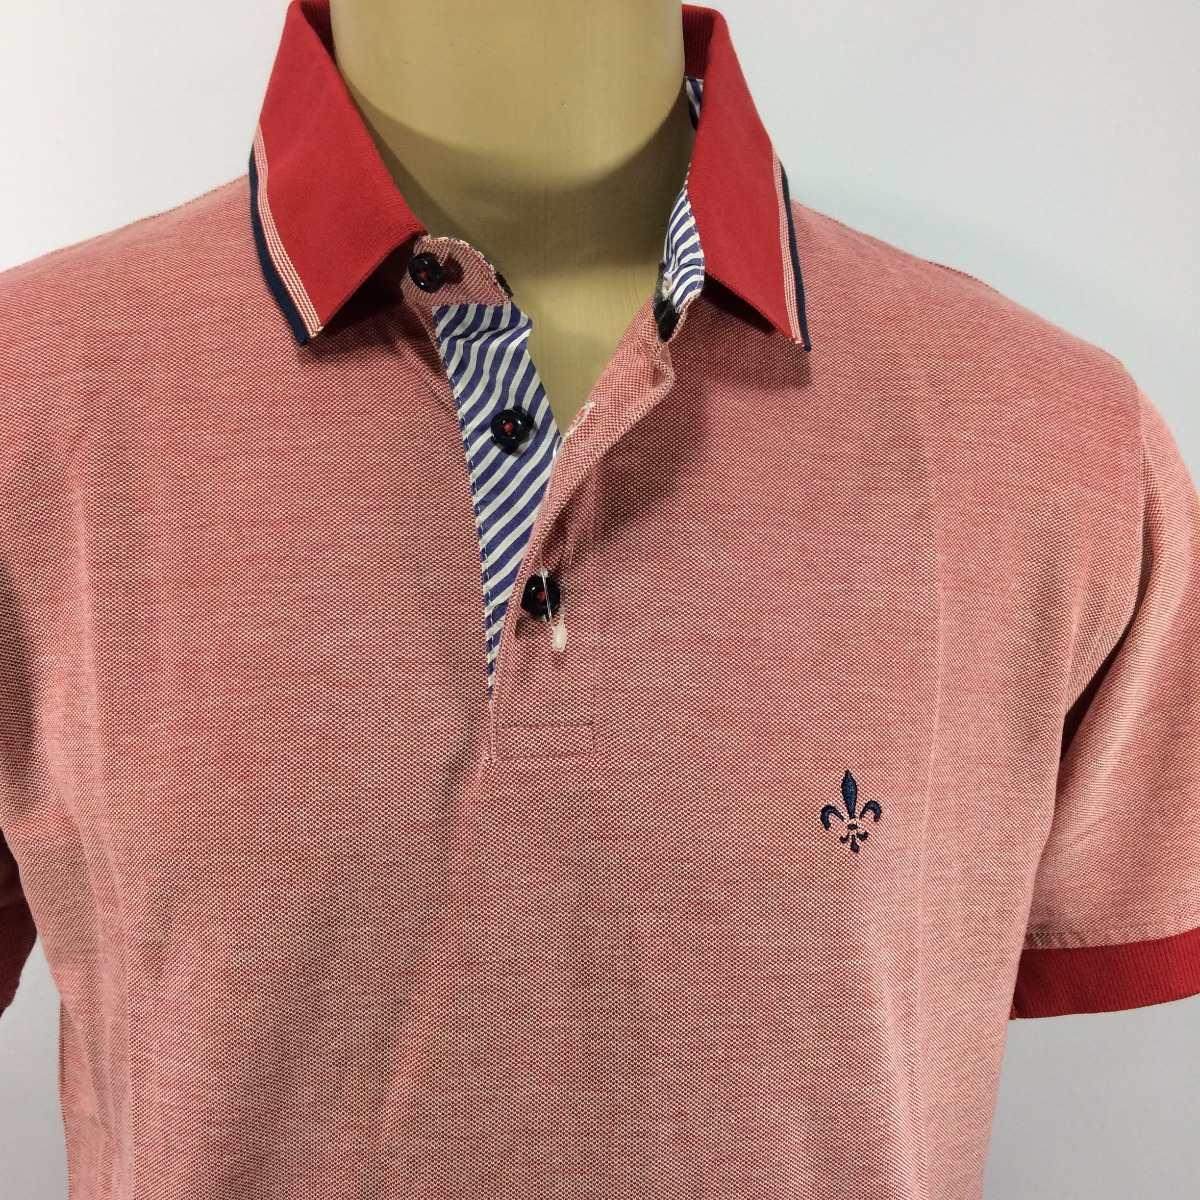 camisa polo original dudalina sport algodão pima. Carregando zoom. 091a17b784369